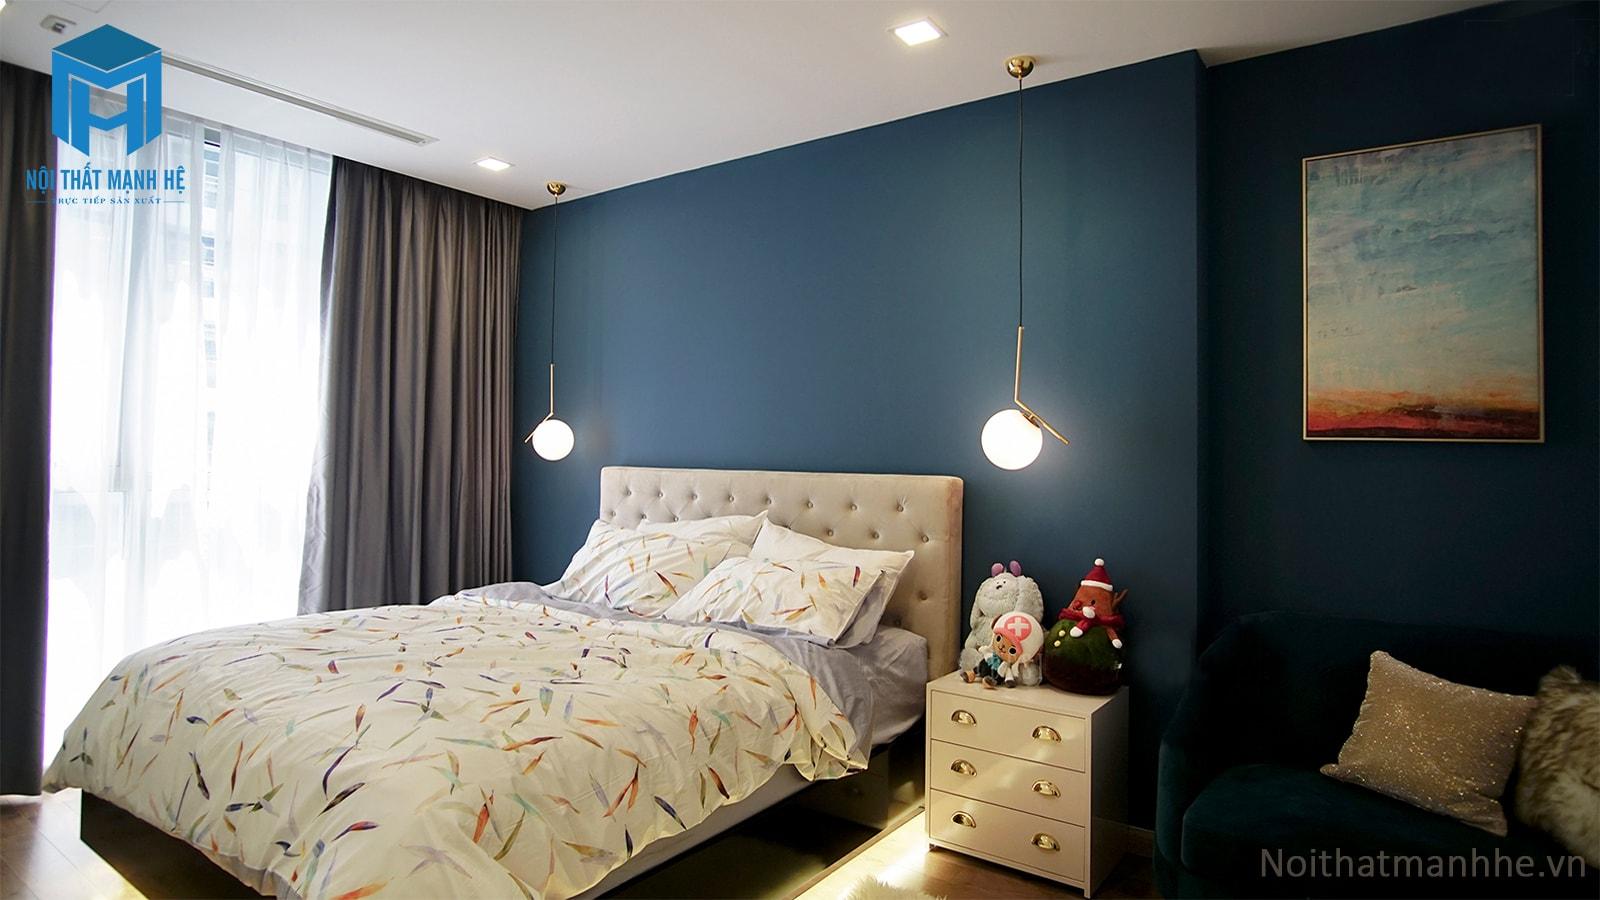 hoàn thiện nội thất phòng ngủ chung cư